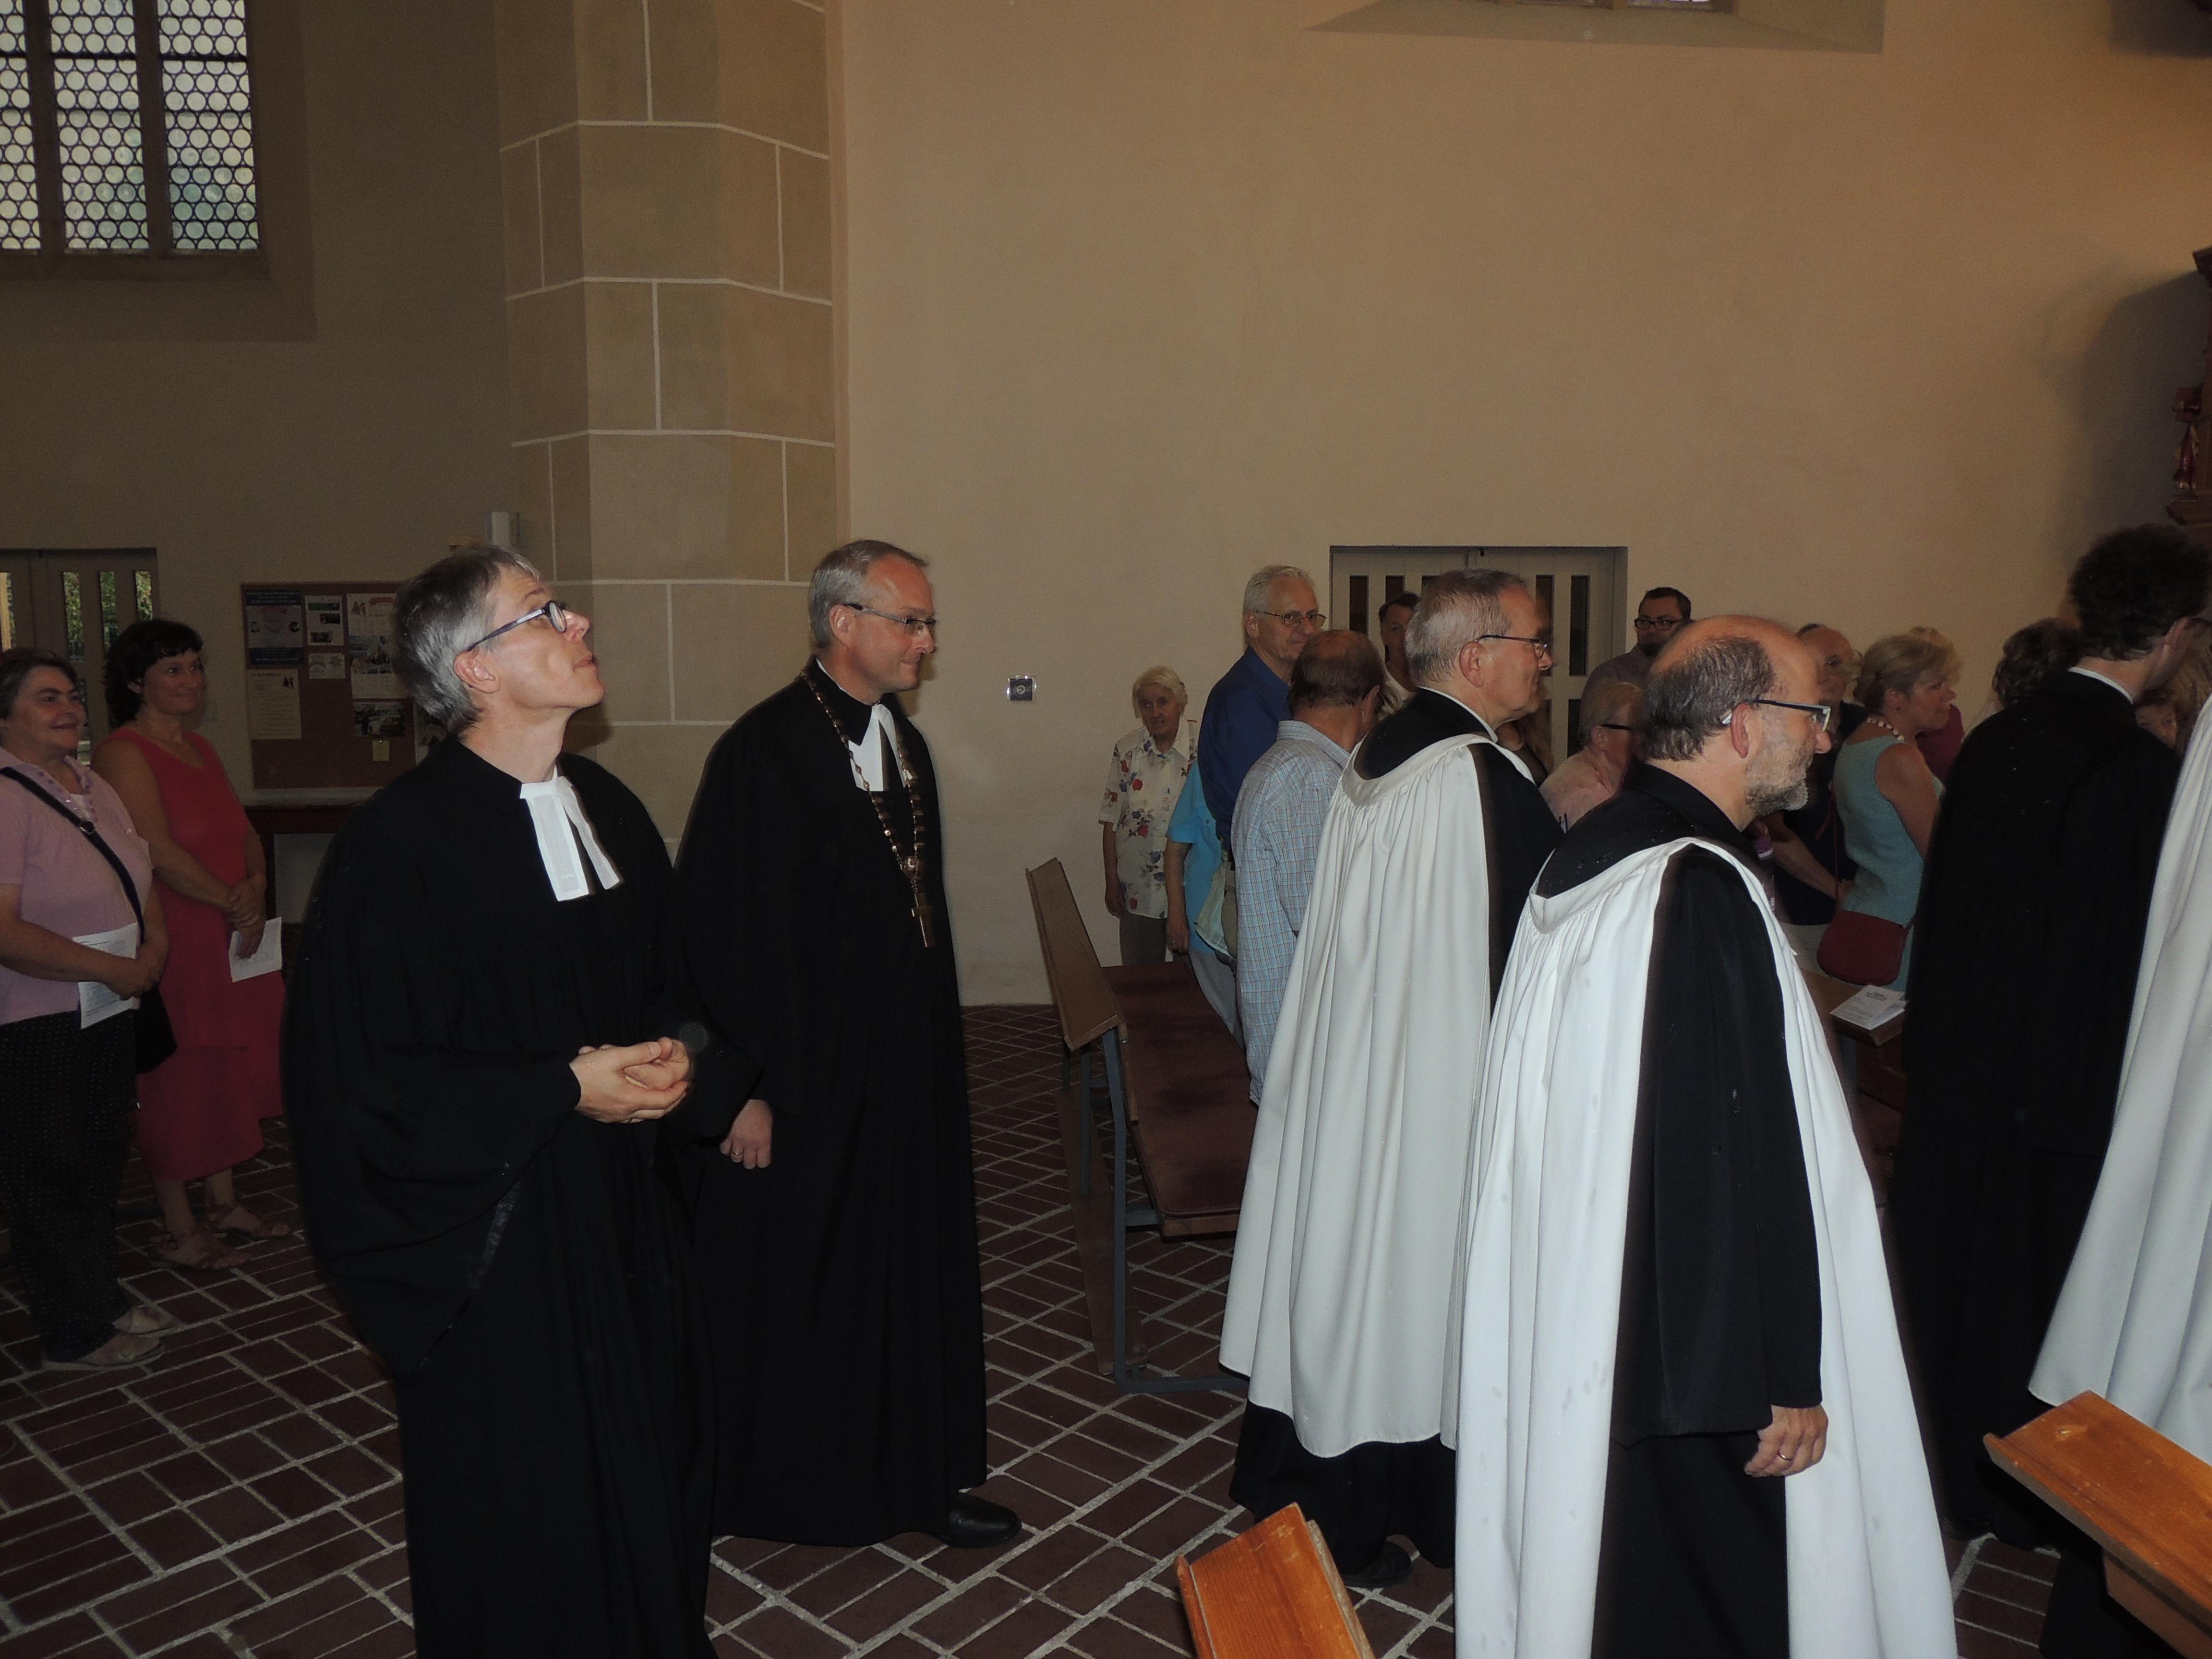 Festgottesdeinst Gemeindefest mit Landesbischof